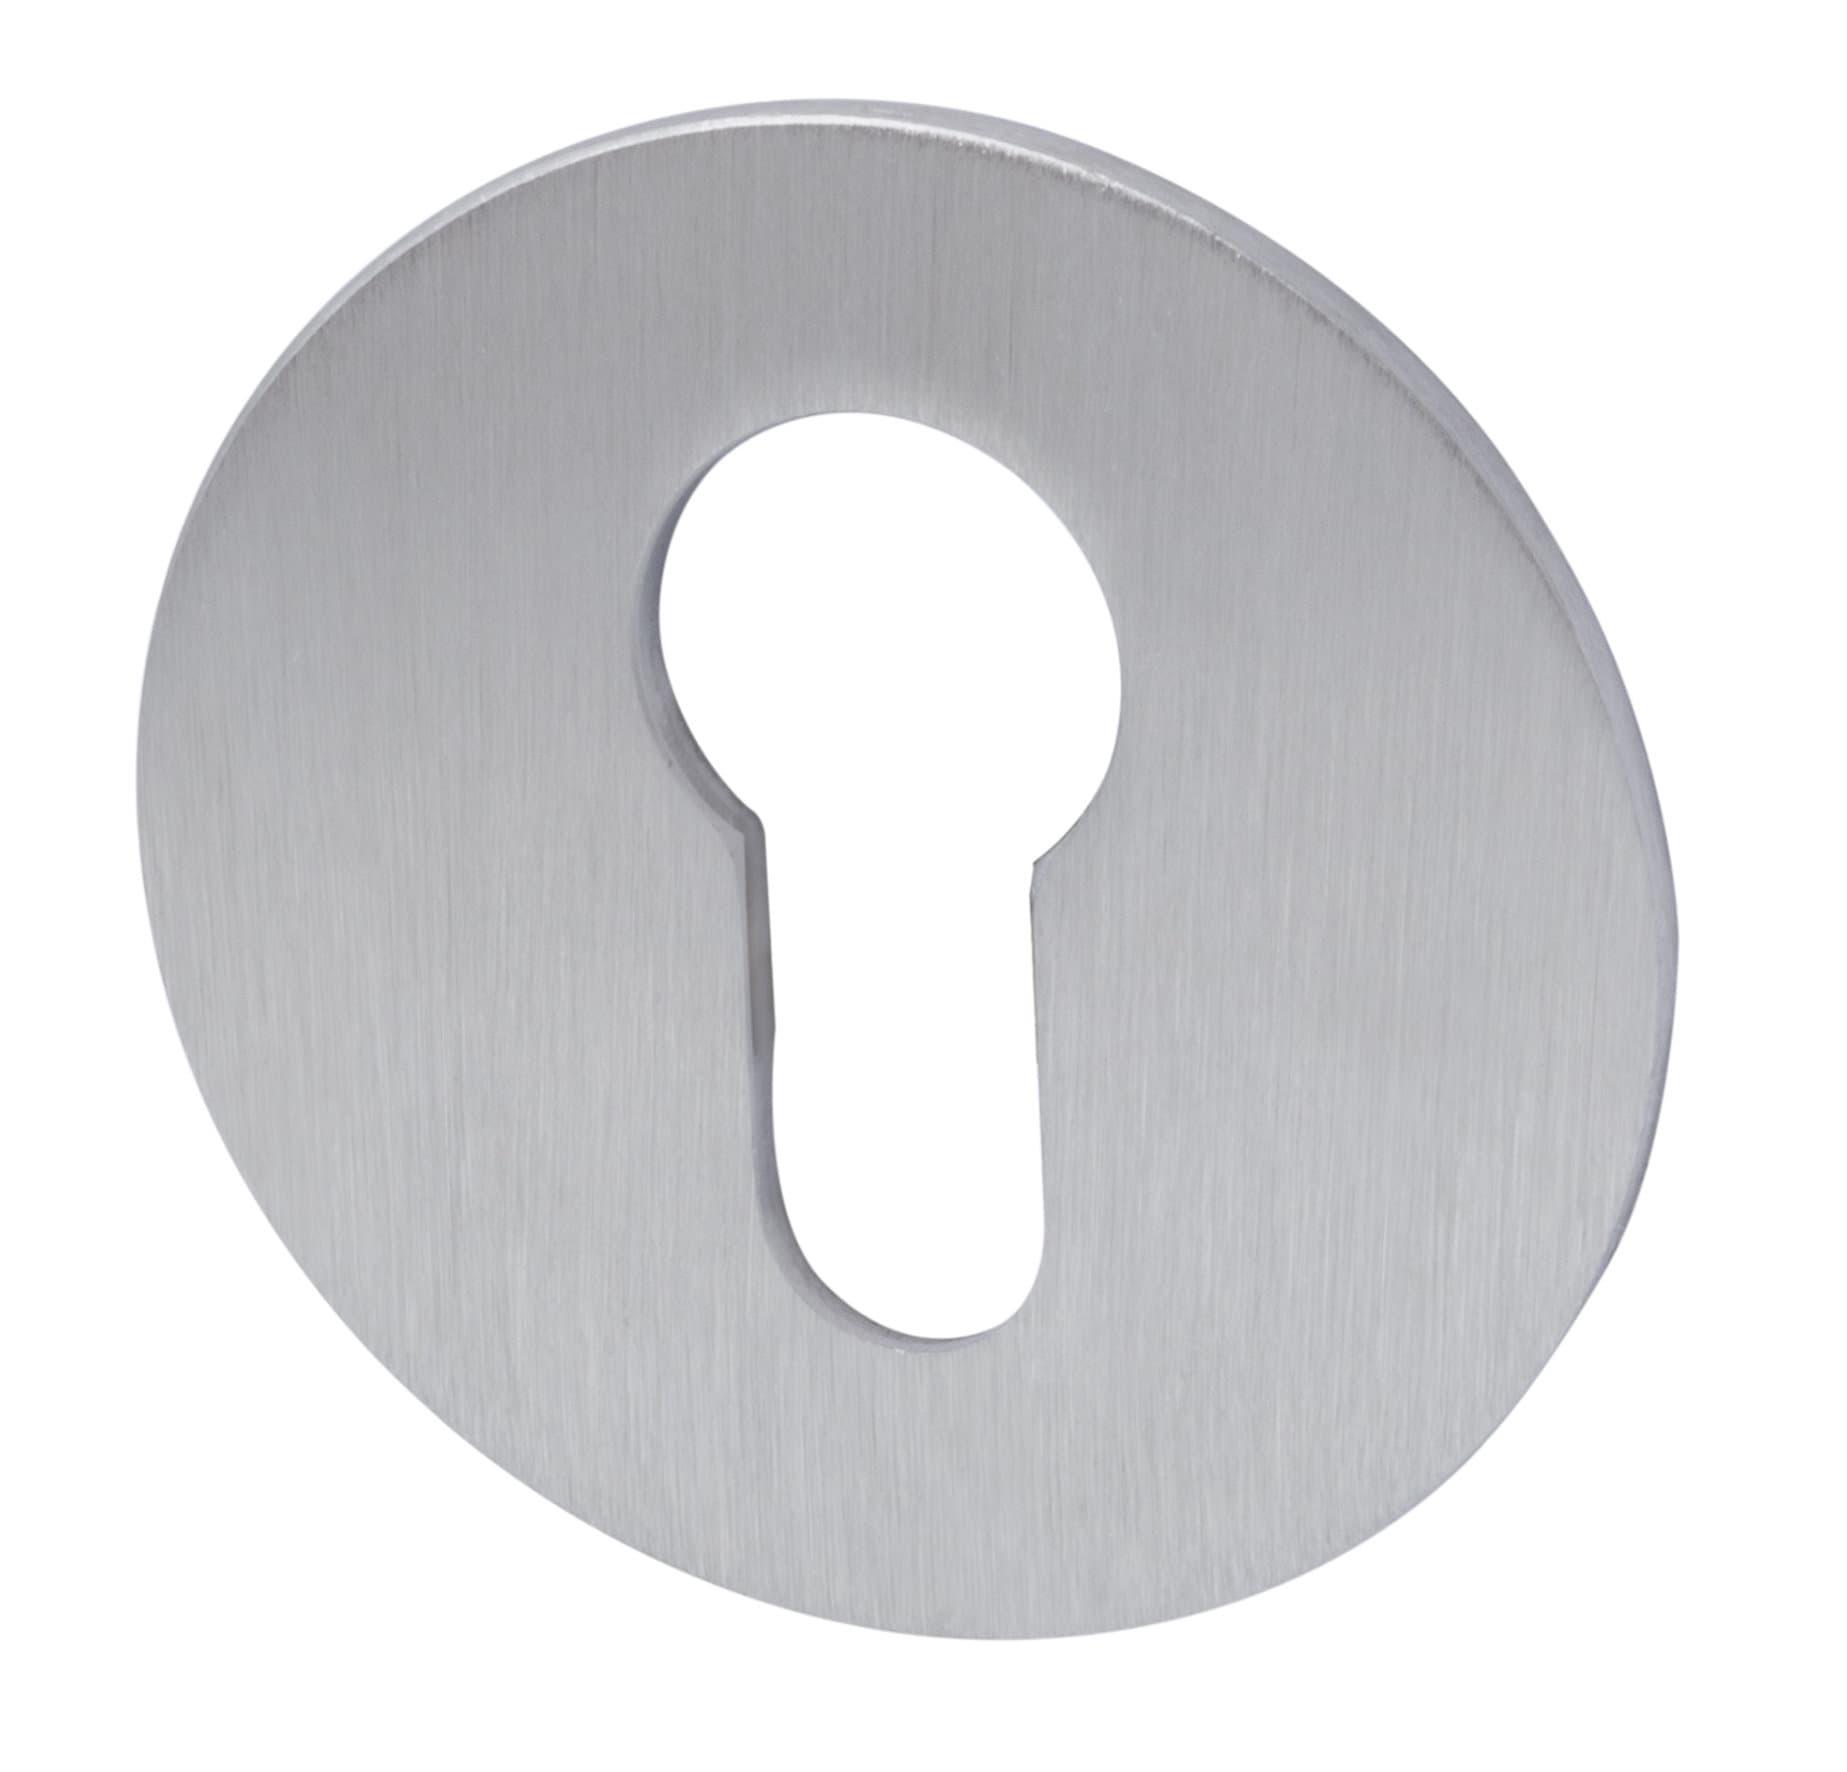 Alpertec Schlüsselrosetten Plano PZ rund Schutzrosette